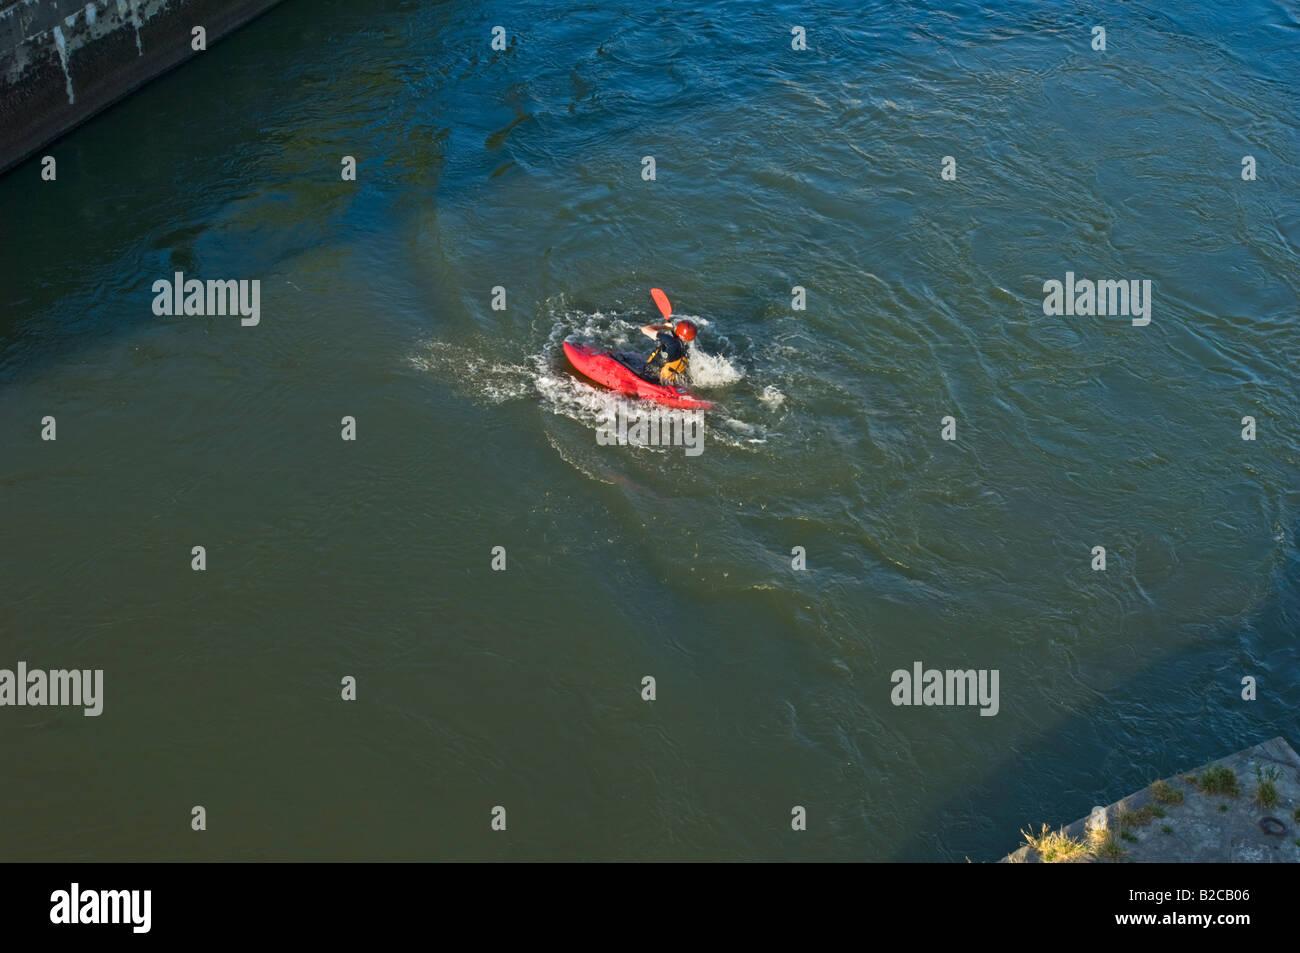 Canoeist Paddler on the river danube sports canoe paddle man river